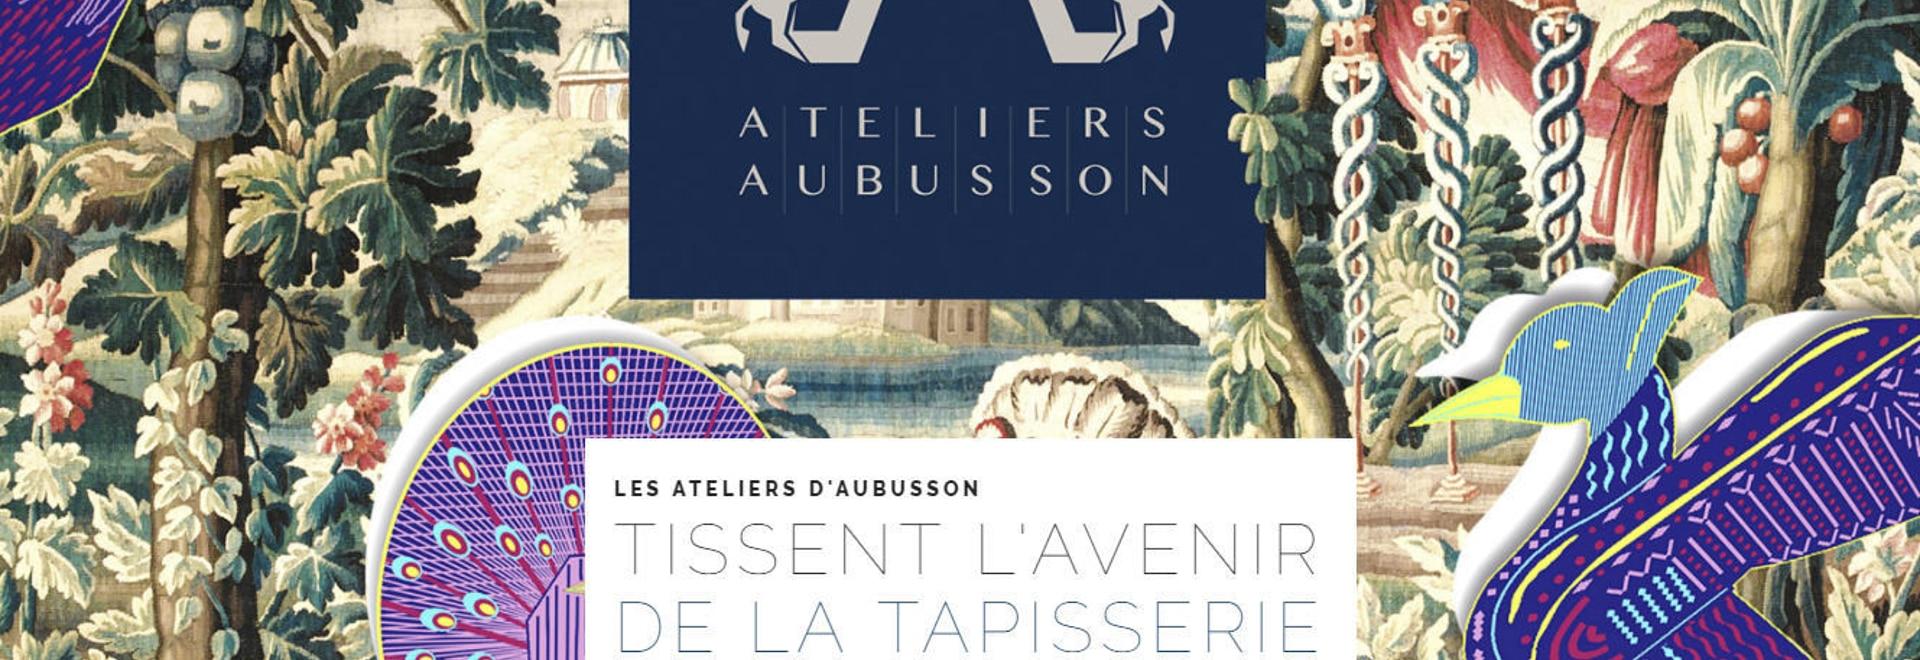 Les-Ateliers d'Aubusson spinnen die Zukunft der Tapisserie